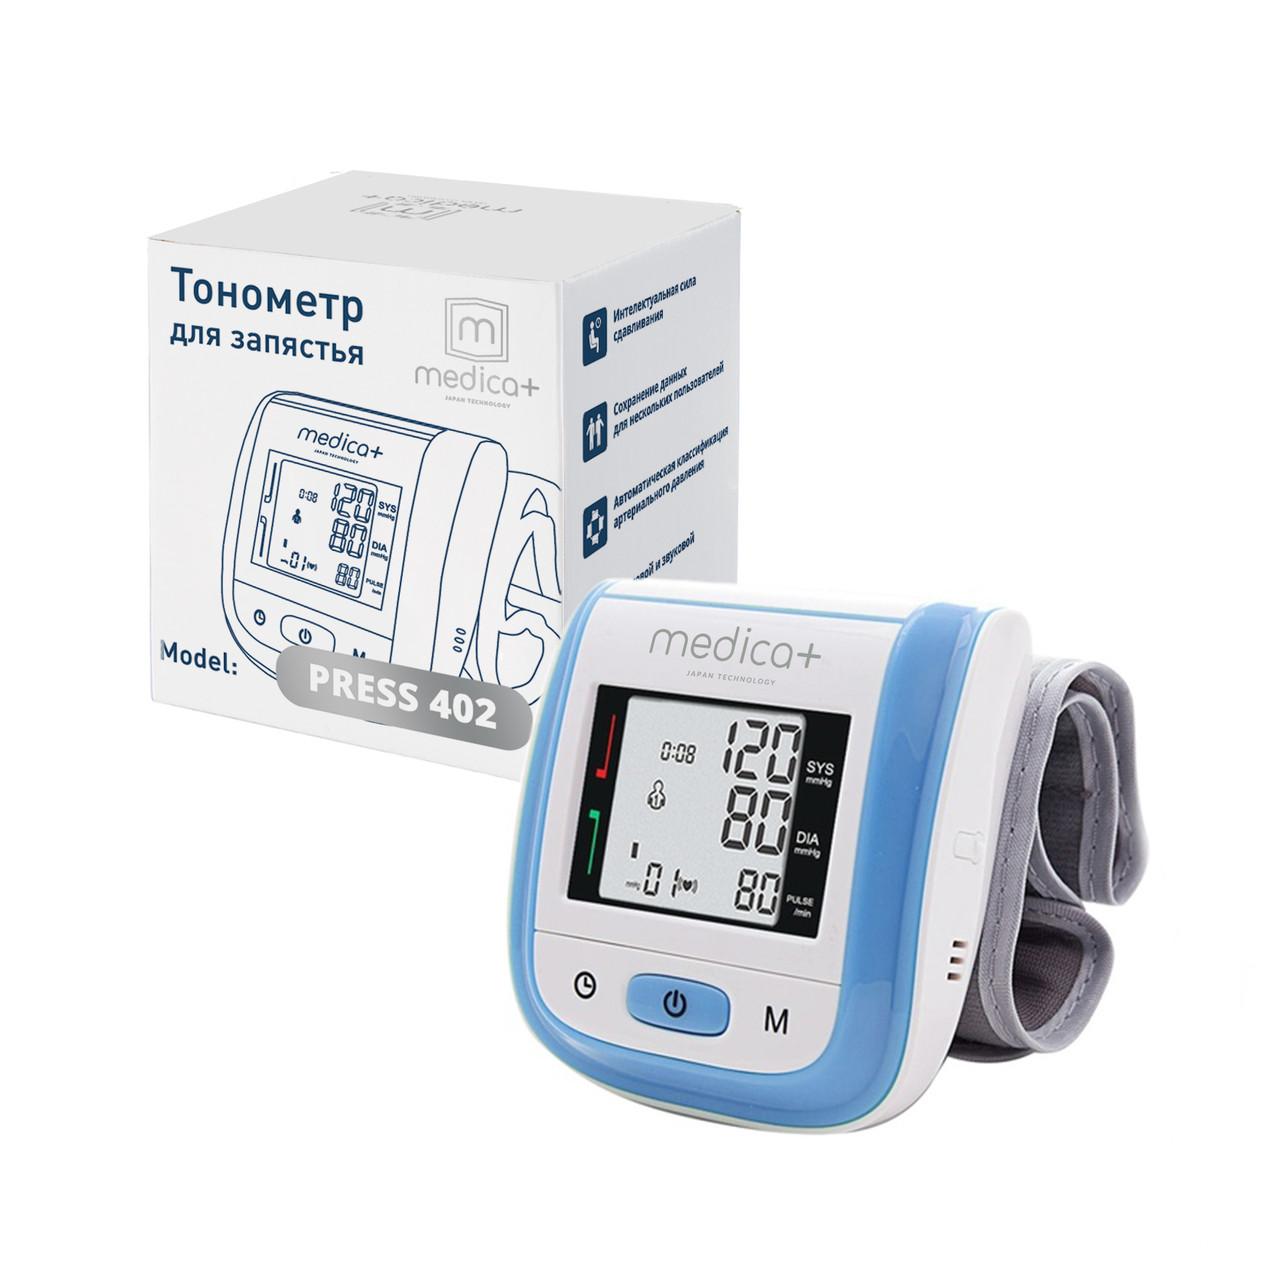 Тонометр автоматичний на зап'ясті MEDICA+ Press 402 PN з манжетою (Японія)